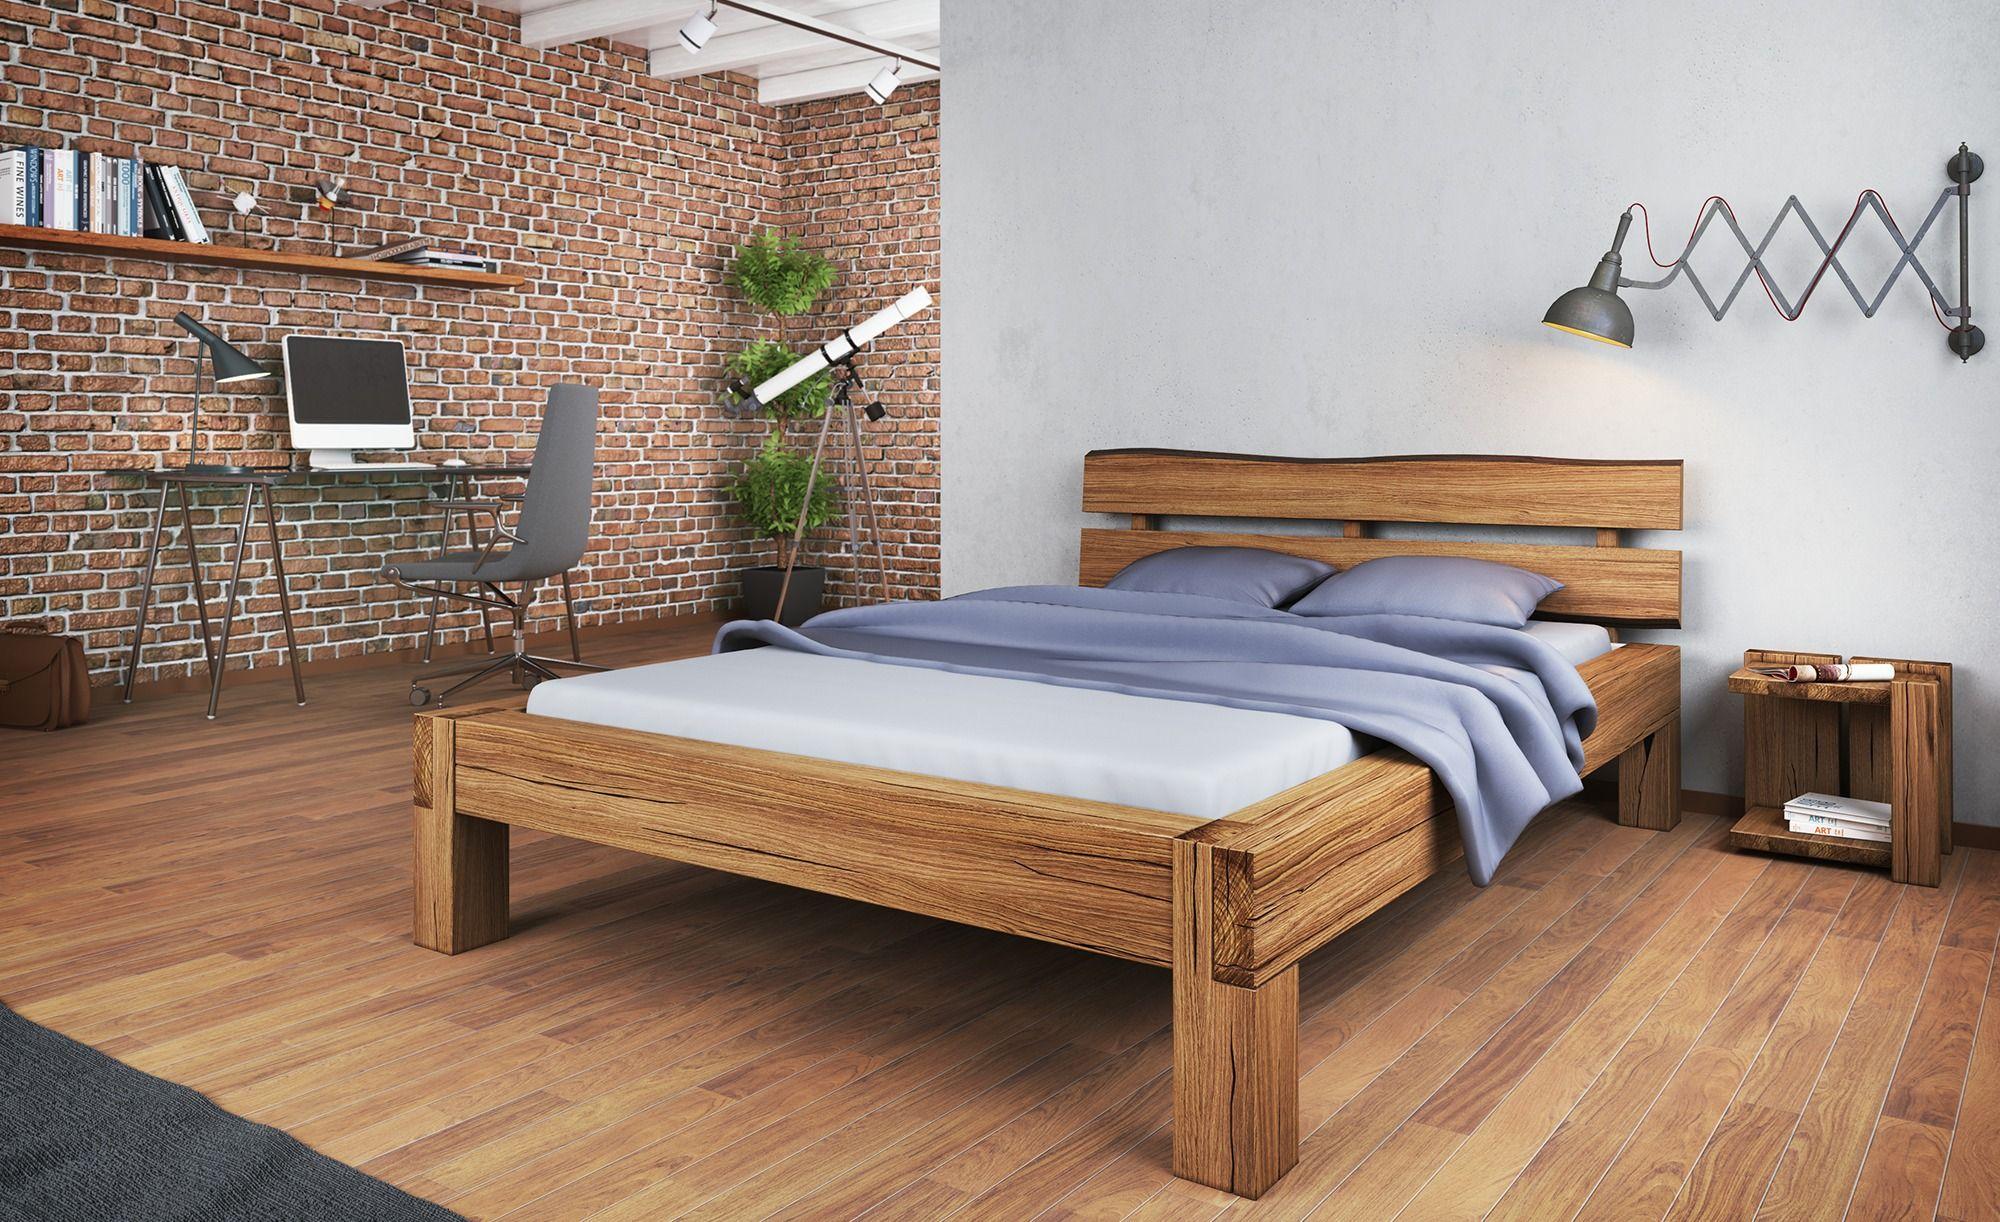 Woodford Balkenbett Asta Haus deko, Haus und Bett